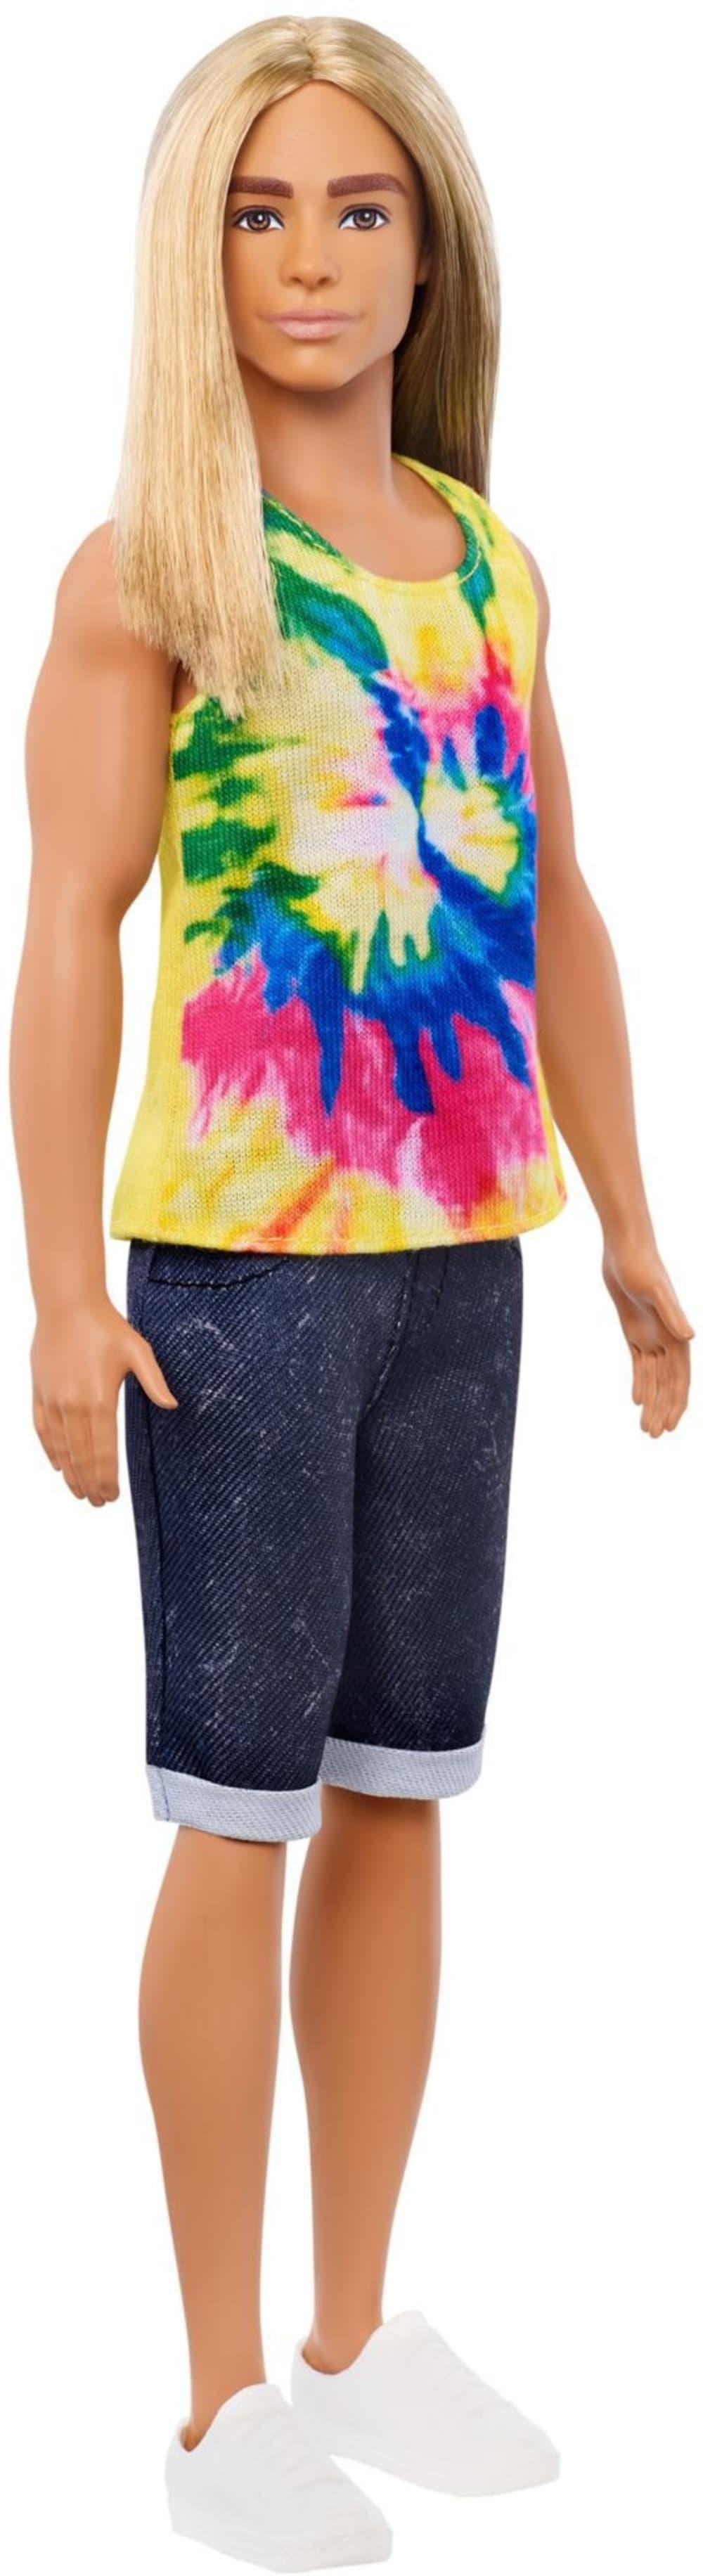 Barbie Stylowy Ken z długimi włosami